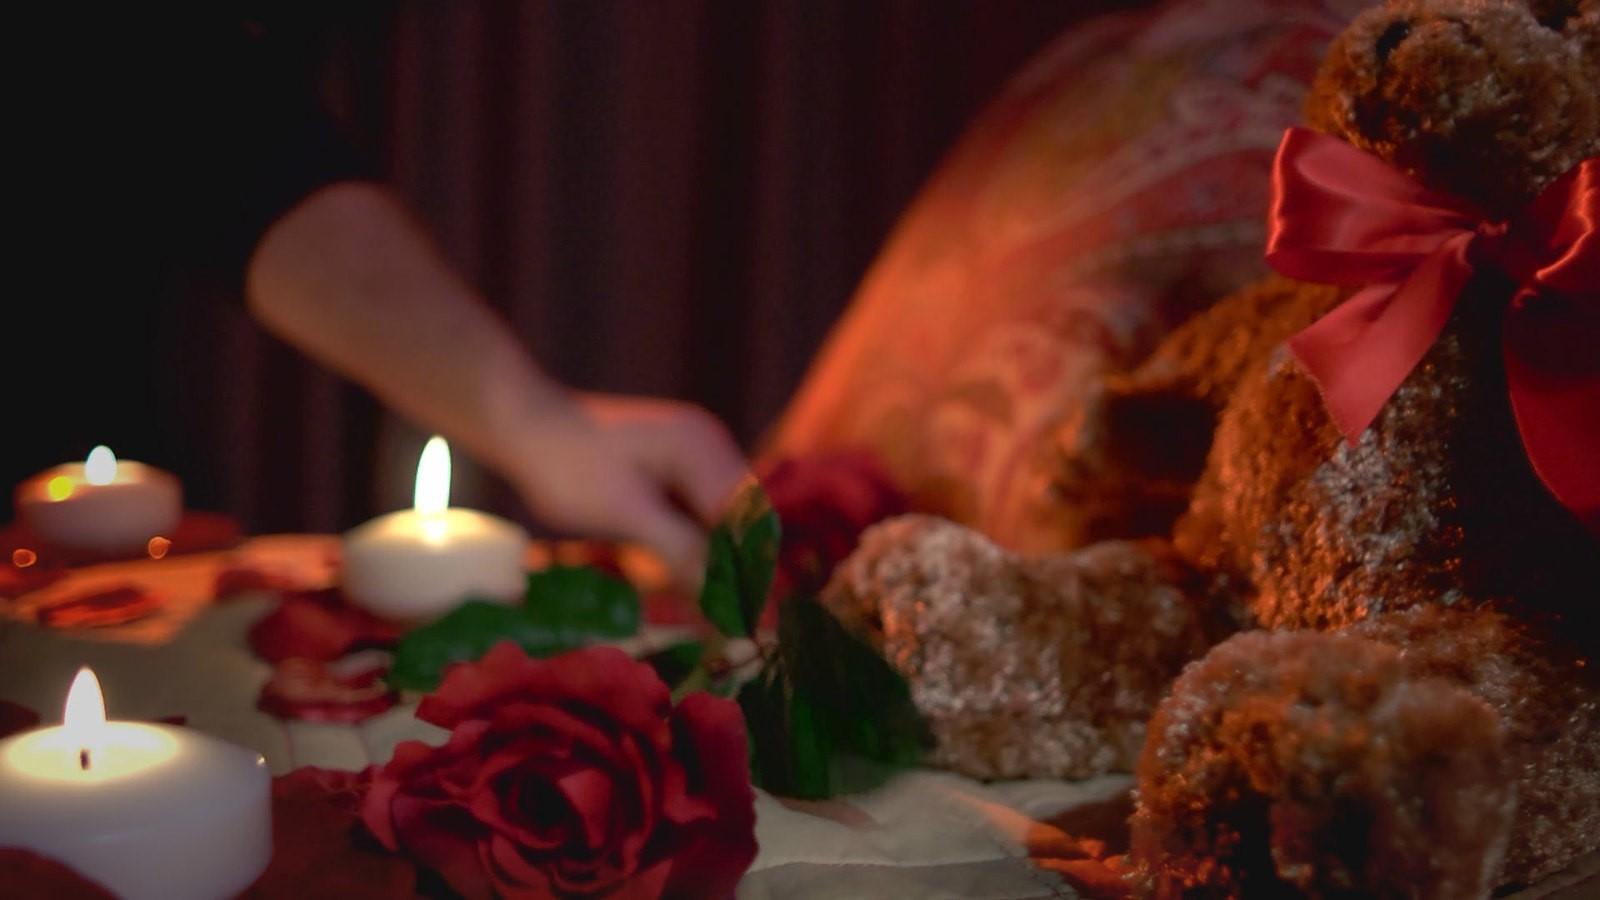 Décorez avec des bougies pour la Saint-Valentin.